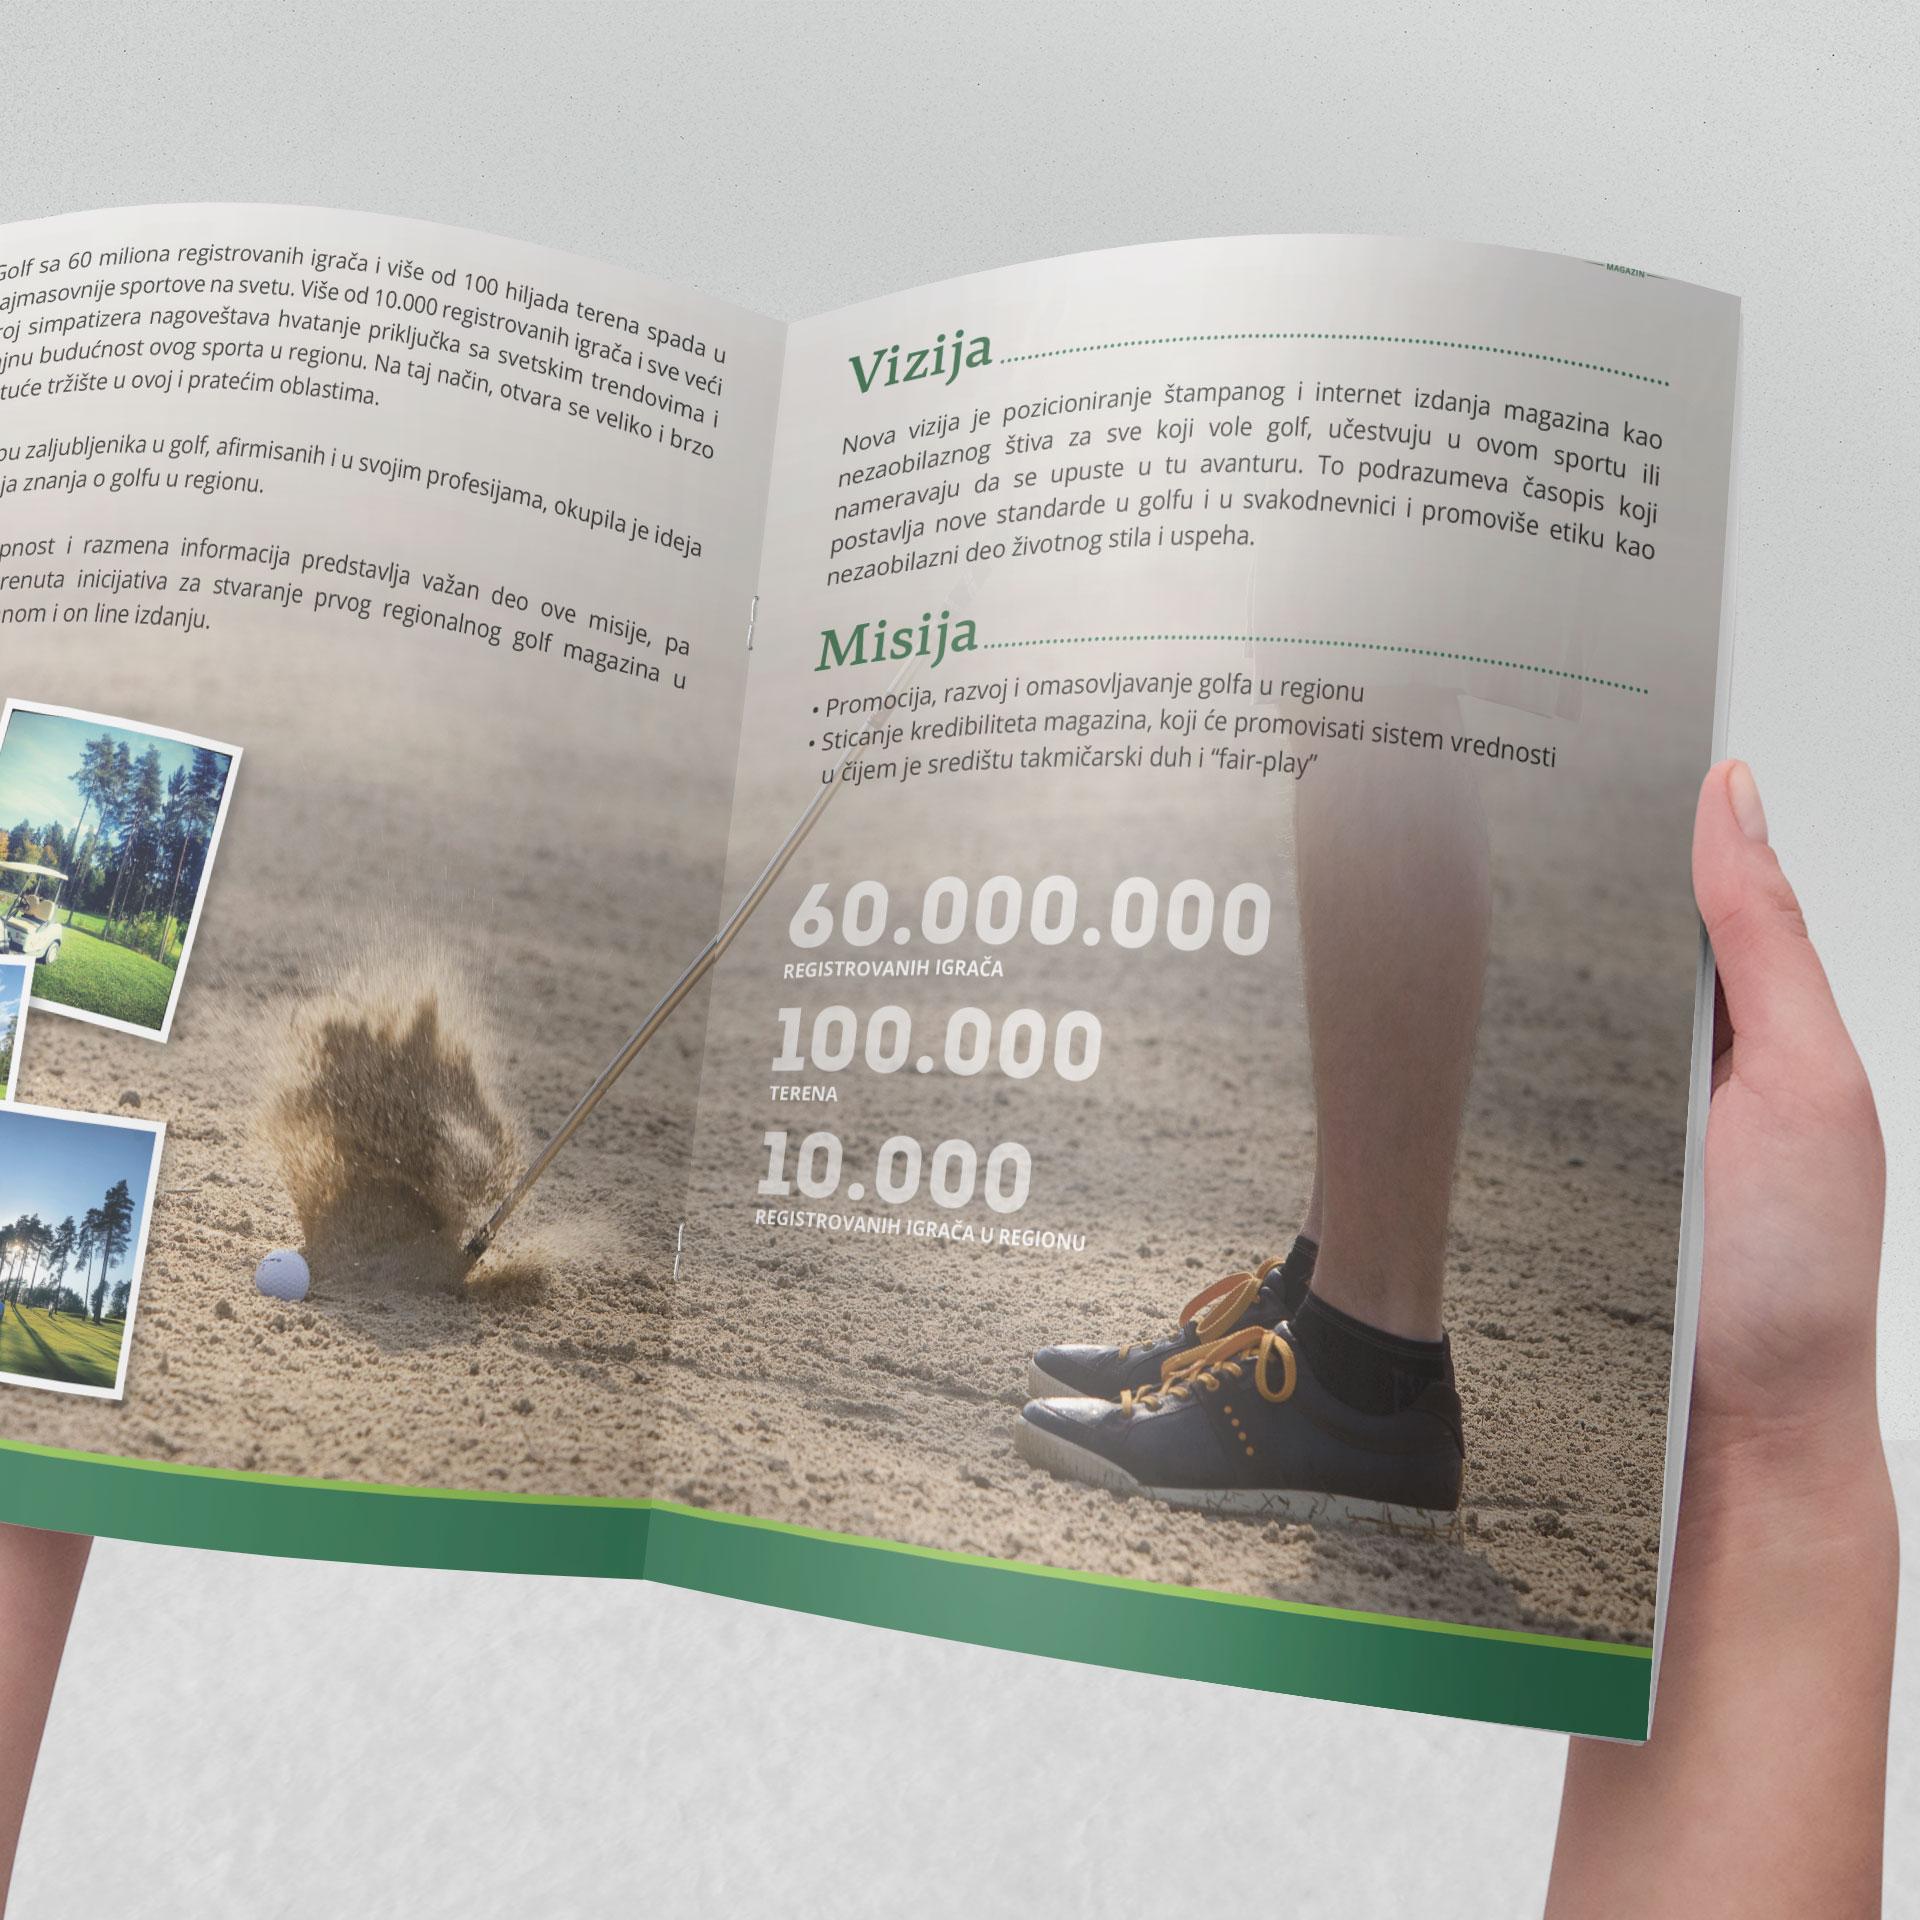 Dizajn brošure za Golfland Shop & Tour